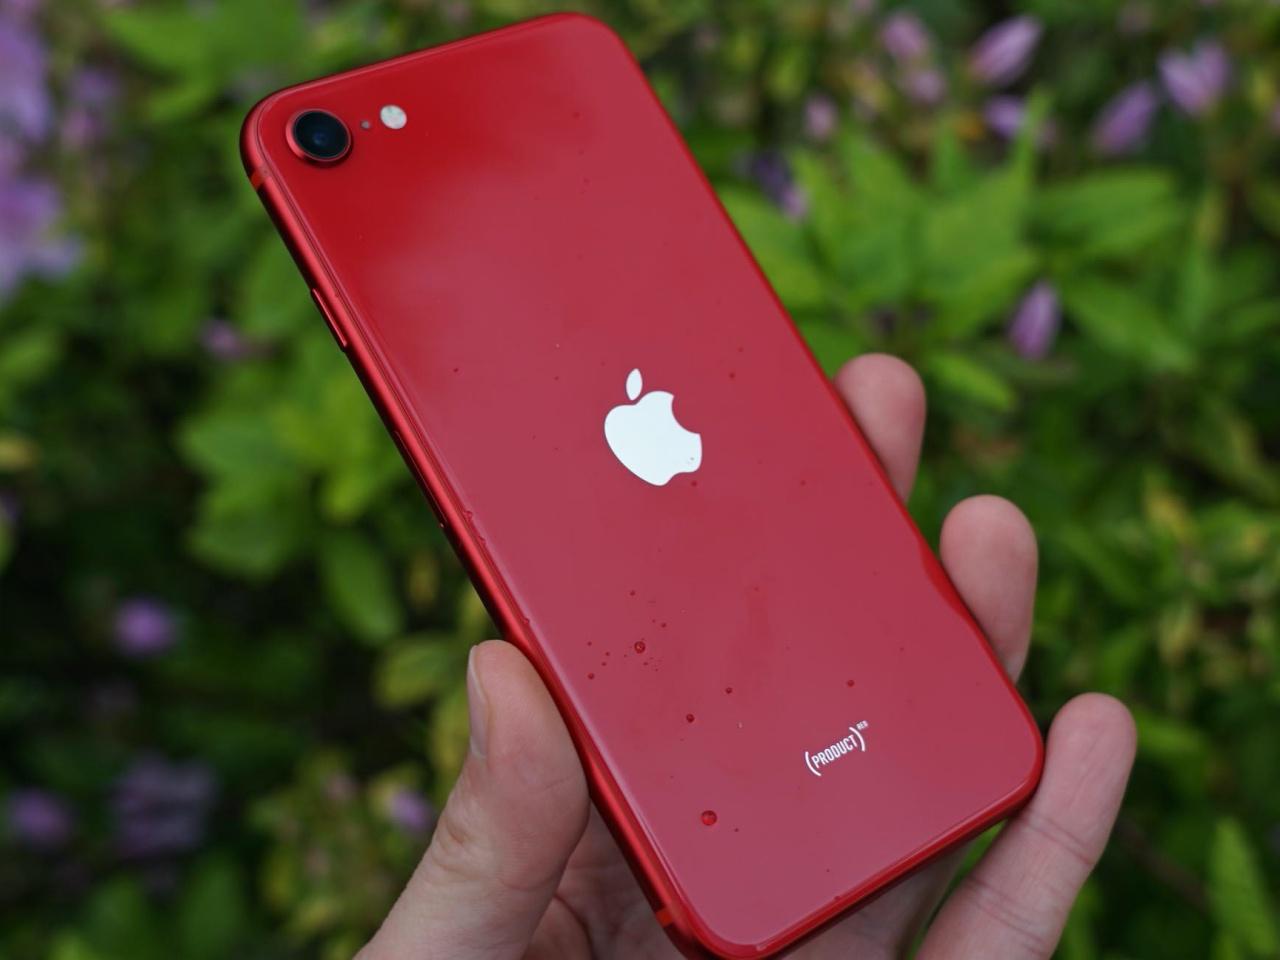 発売 日 ワイ モバイル iphone8